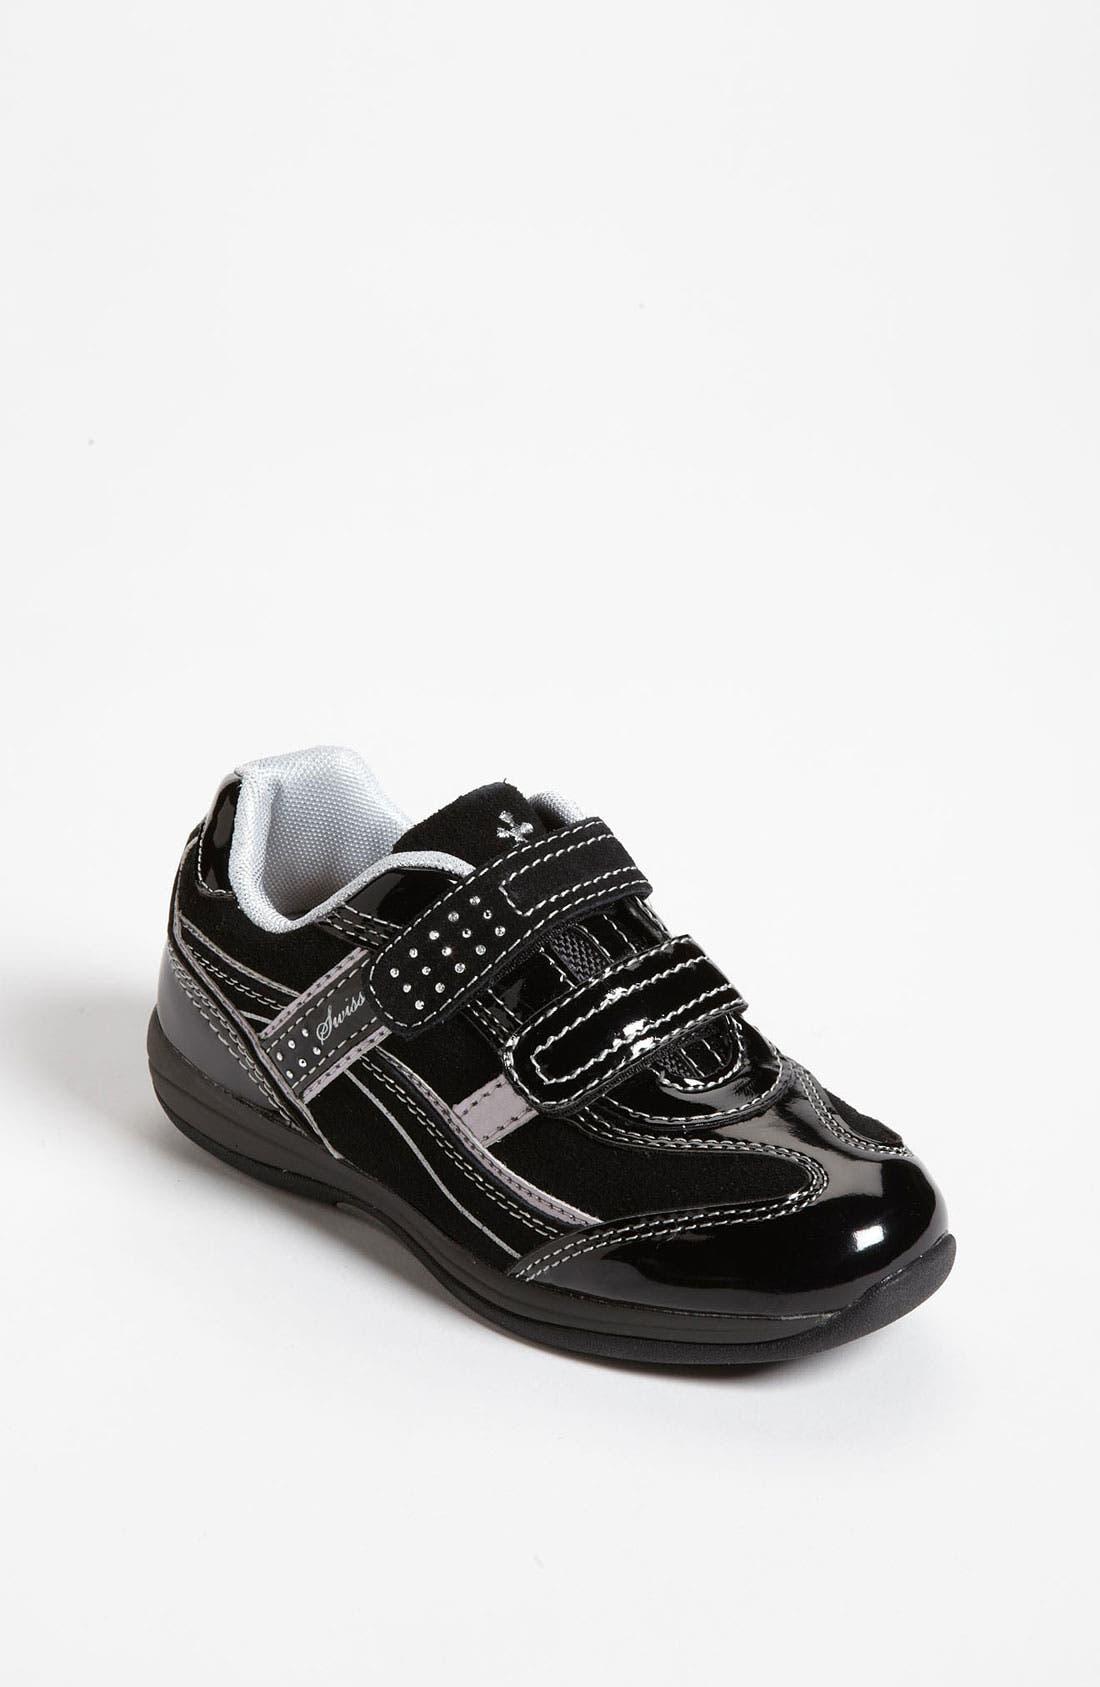 Main Image - Swissies 'Cathy' Sneaker (Toddler, Little Kid & Big Kid)